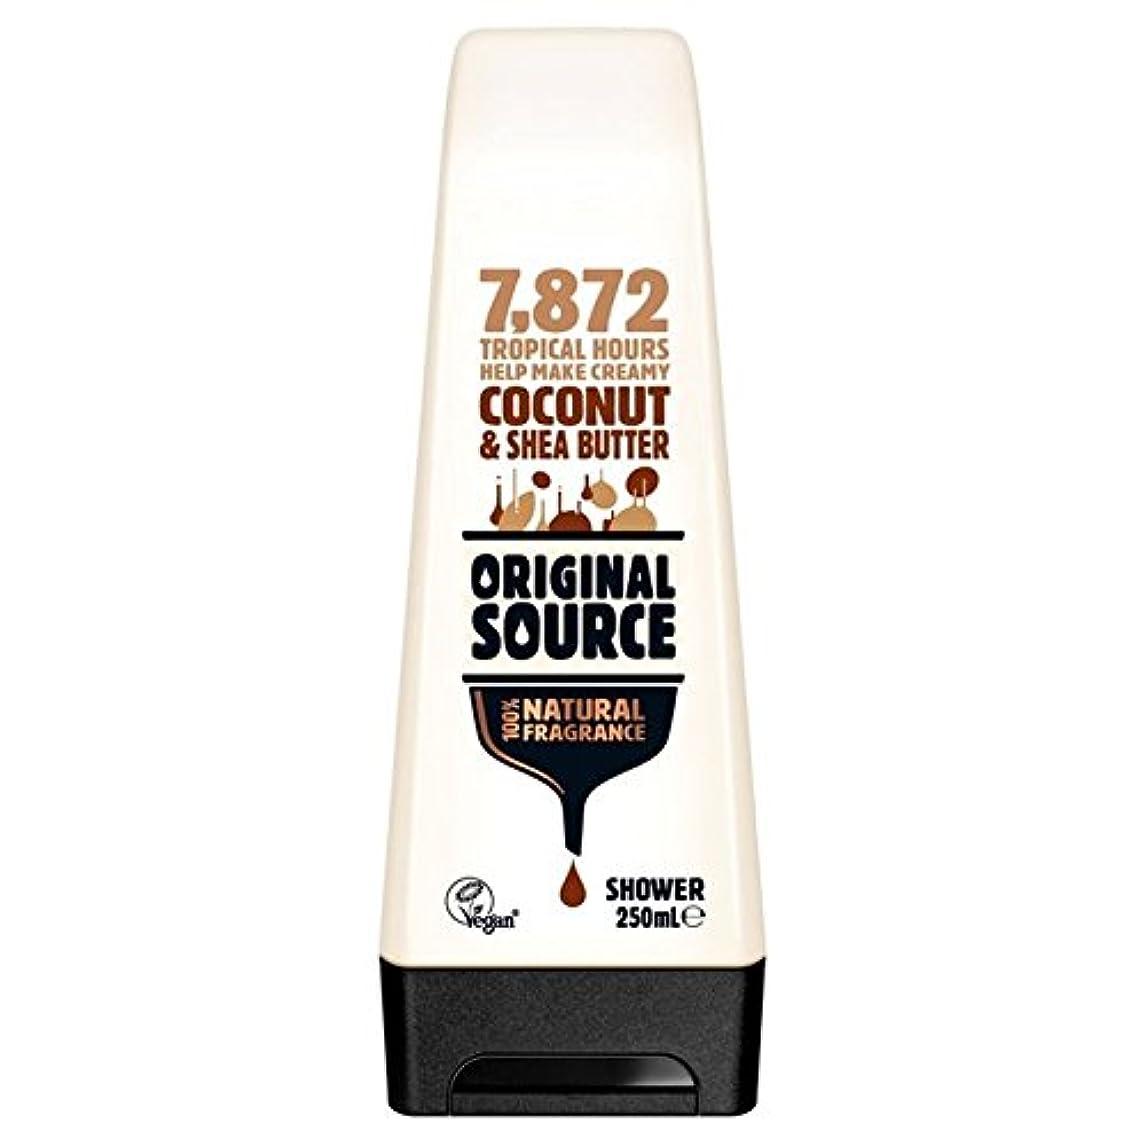 アボート追い付くアーカイブOriginal Source Moisturising Coconut & Shea Butter Shower Gel 250ml - 元のソース保湿ココナッツ&シアバターシャワージェル250ミリリットル [並行輸入品]